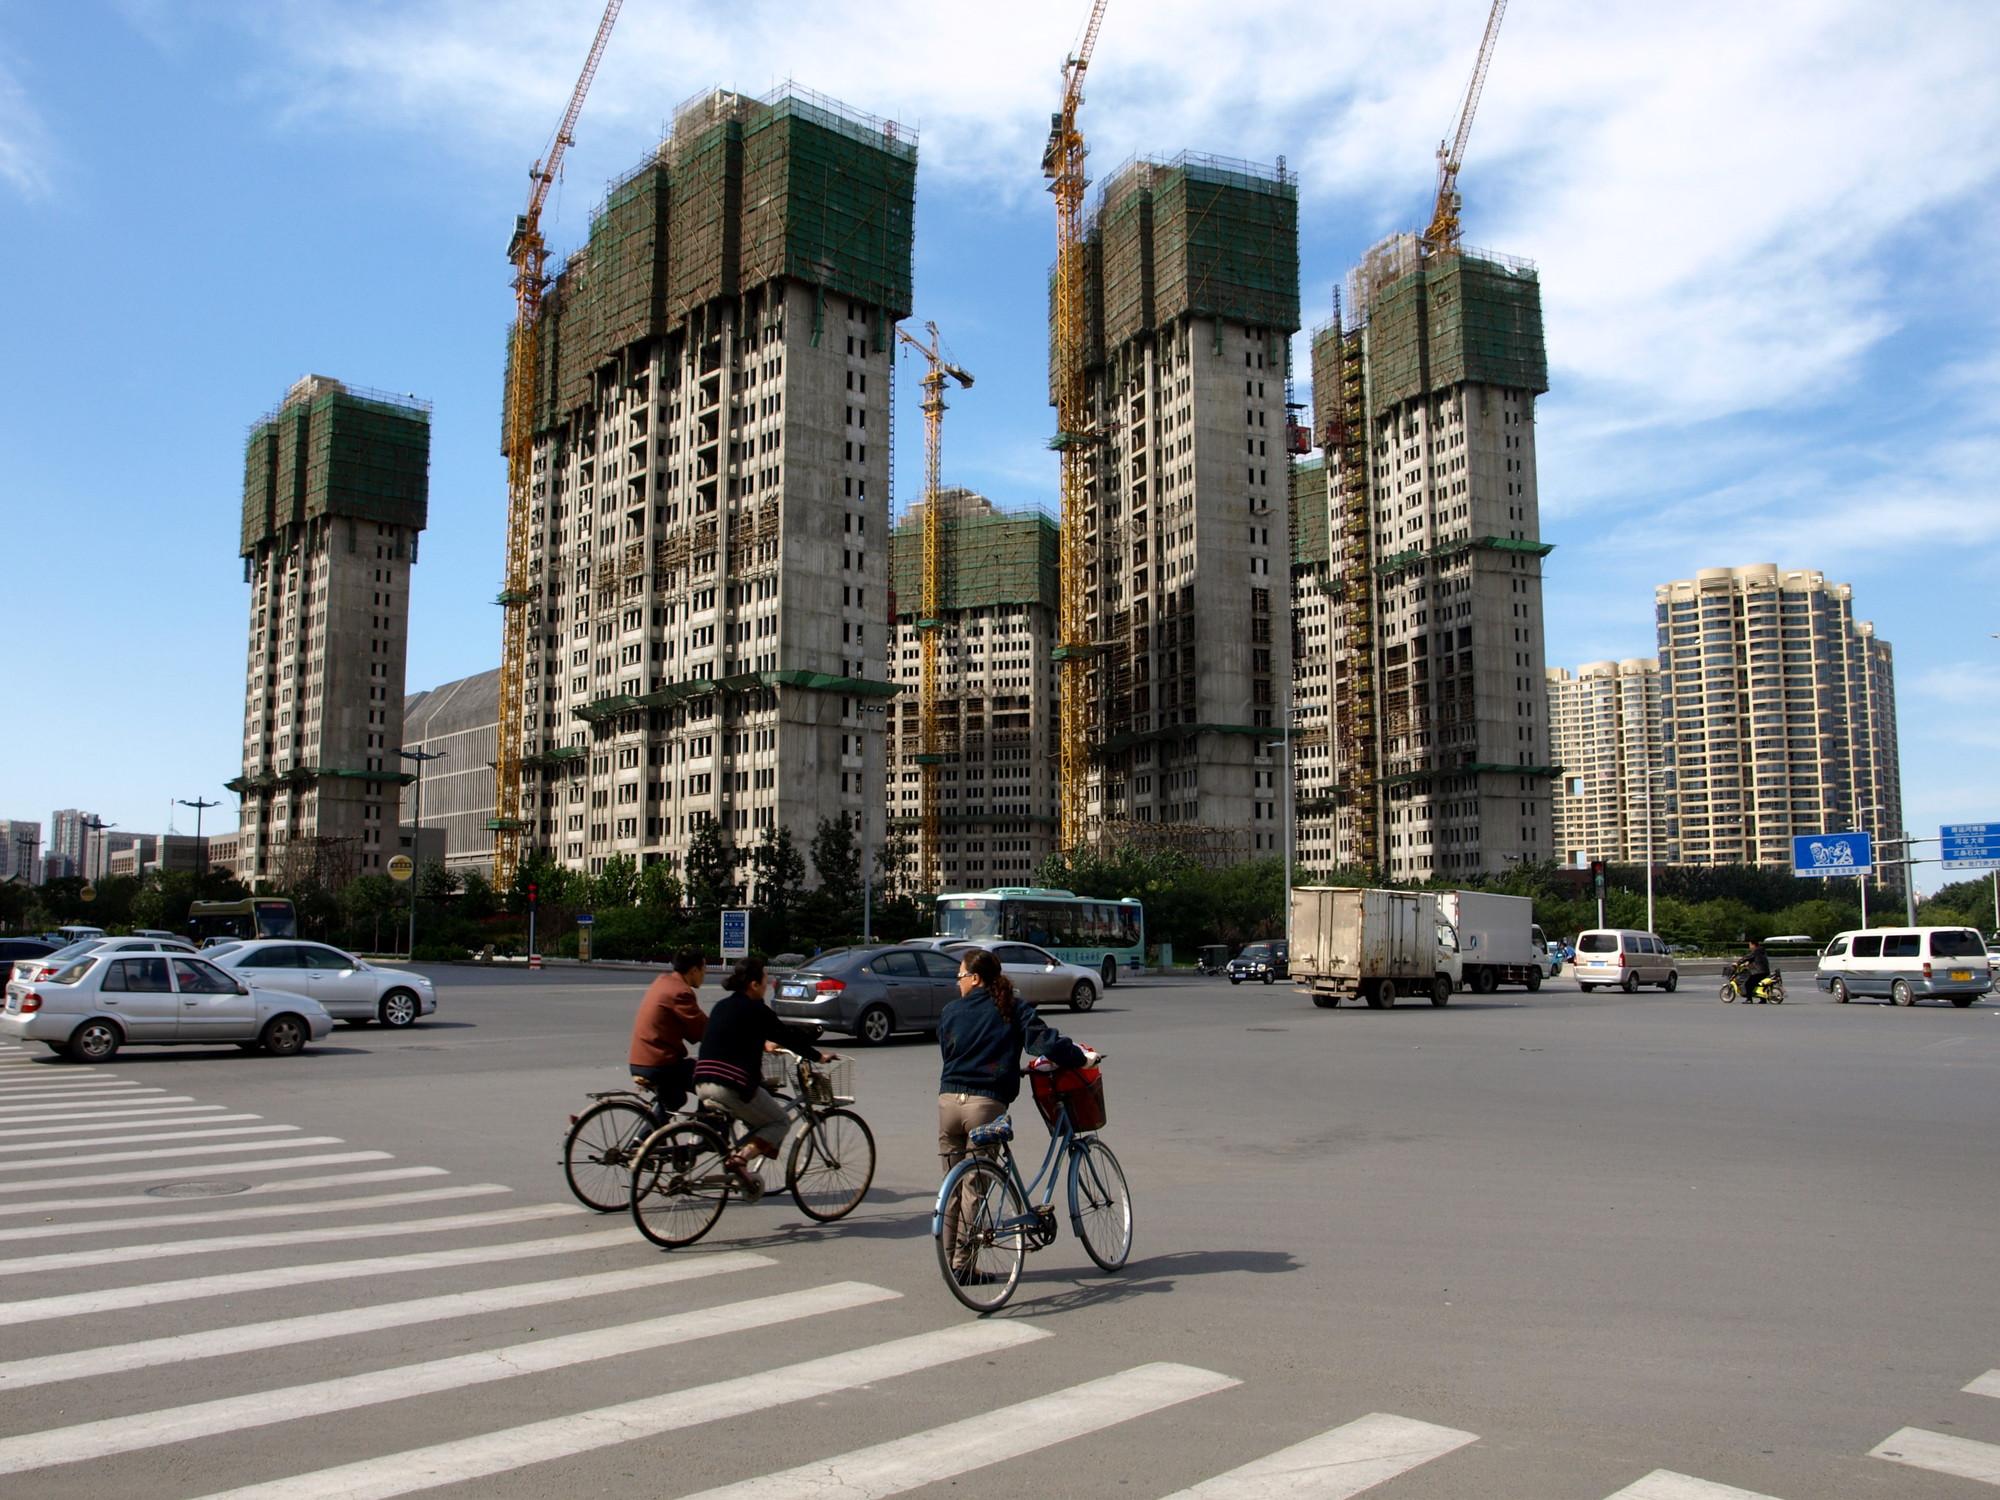 China construirá 7 milhões de habitações sociais em 2015, Desenvolvimento imobiliário em Tianjin, China. Imagem © Hugi Ólafsson [Flickr CC]